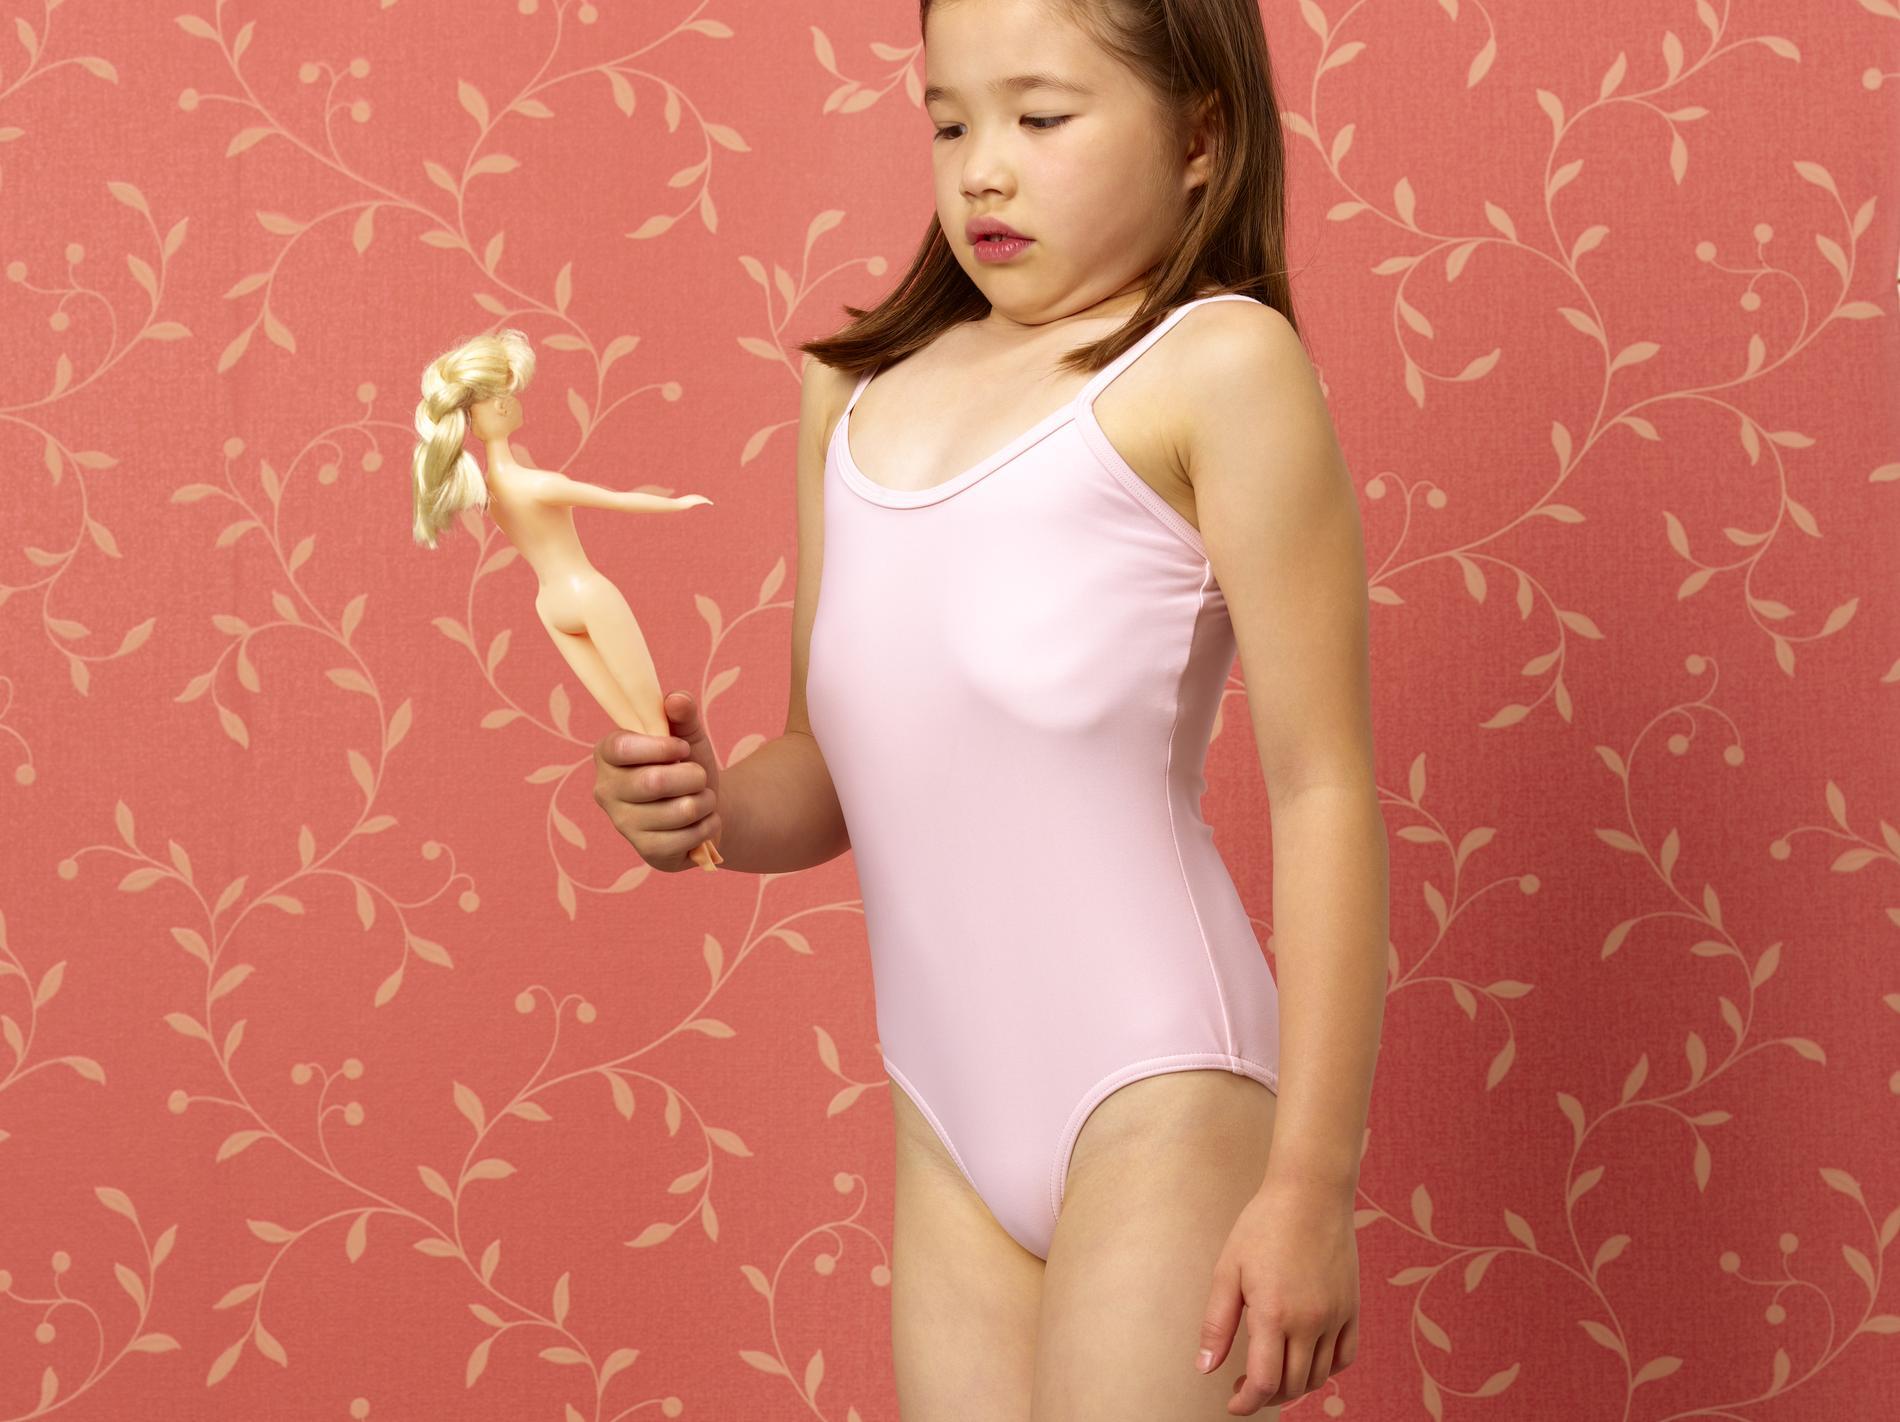 barbie n 39 est pas un jouet sexiste mais un jouet r ducteur madame figaro. Black Bedroom Furniture Sets. Home Design Ideas